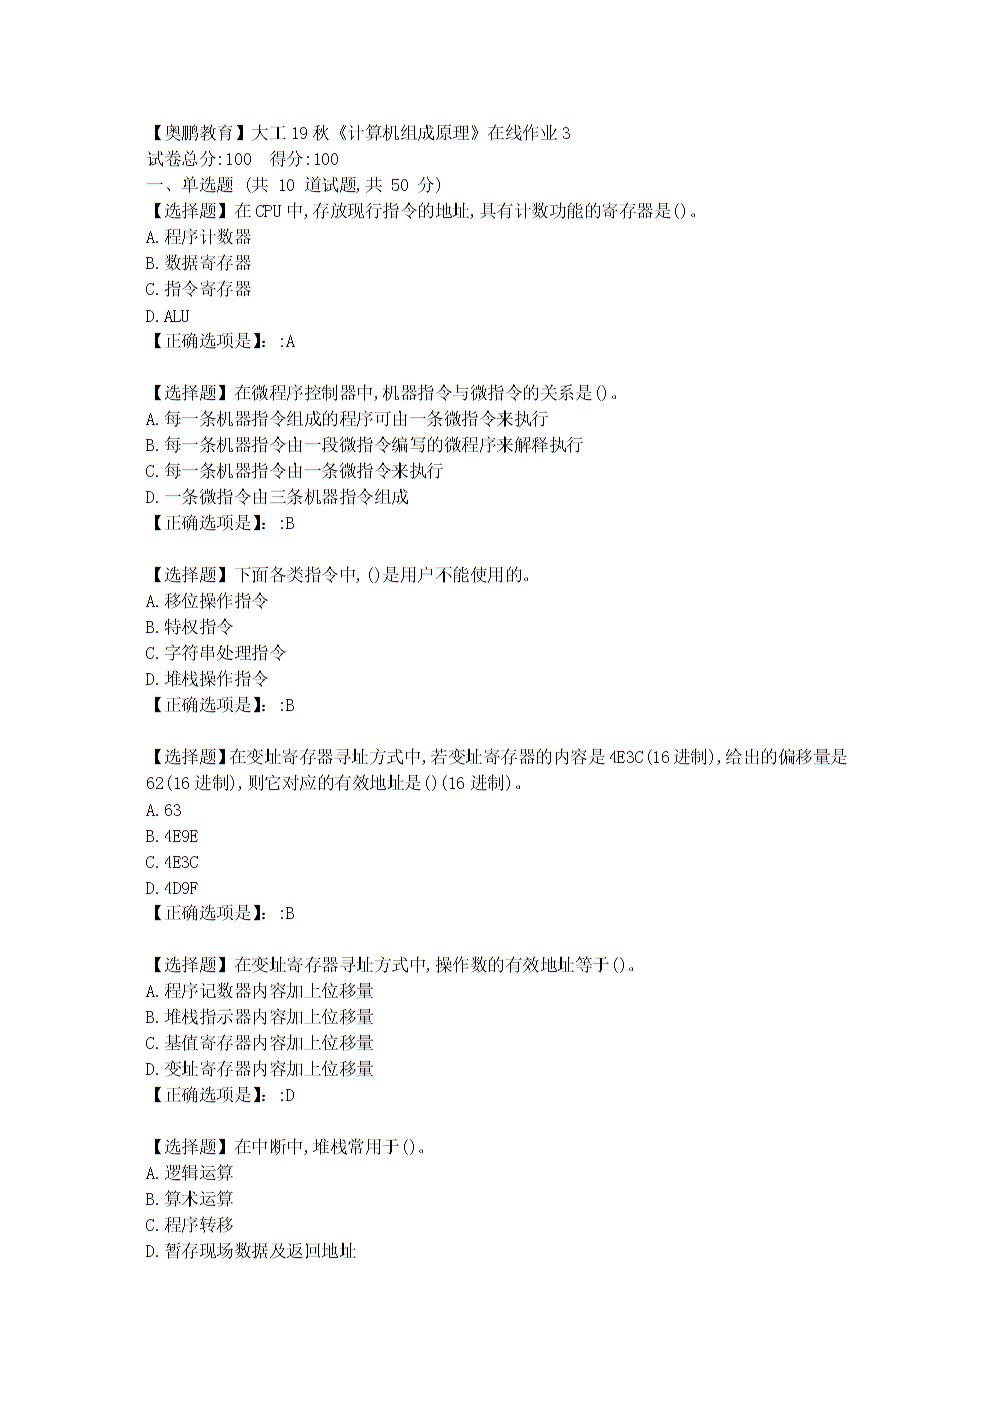 大连理工大学19秋《计算机组成原理》在线作业3学习资料.doc